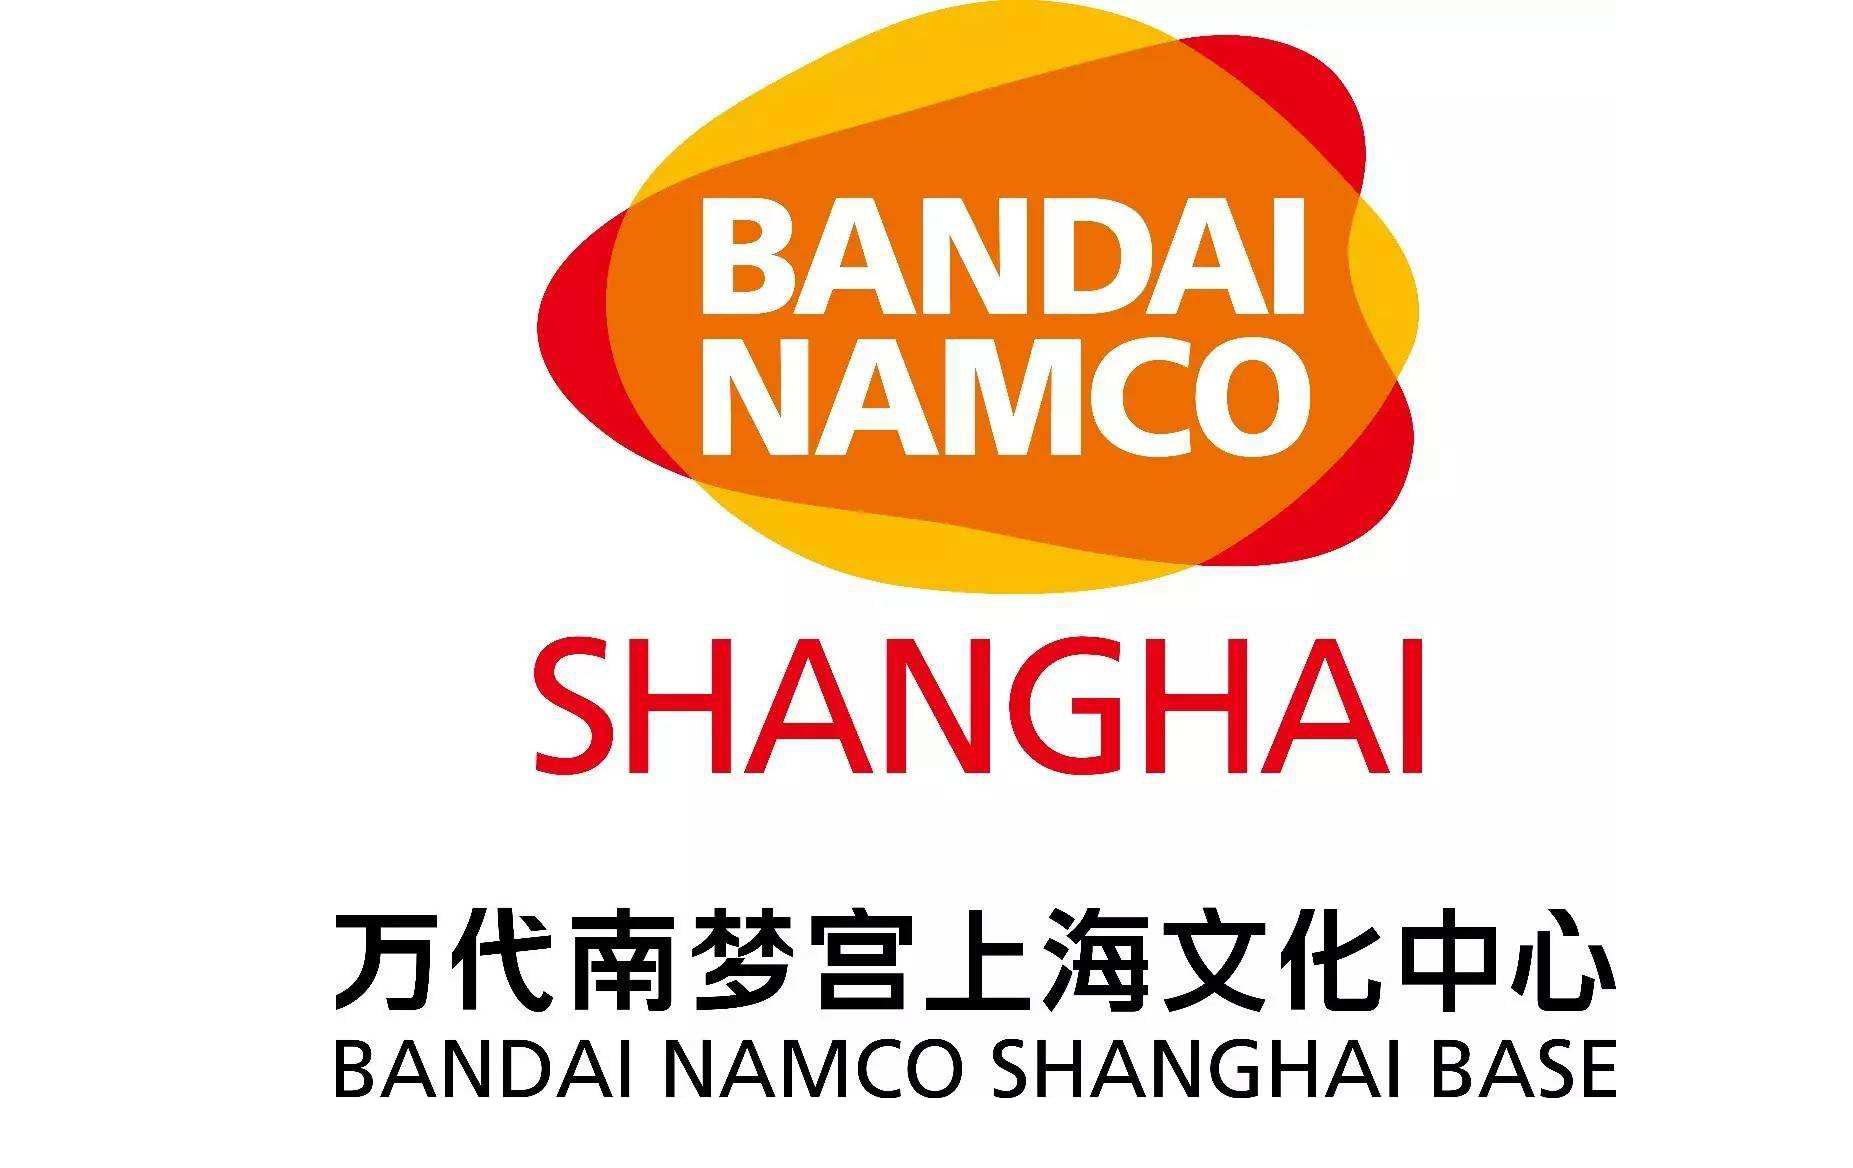 万代南梦宫上海文化中心梦想剧场